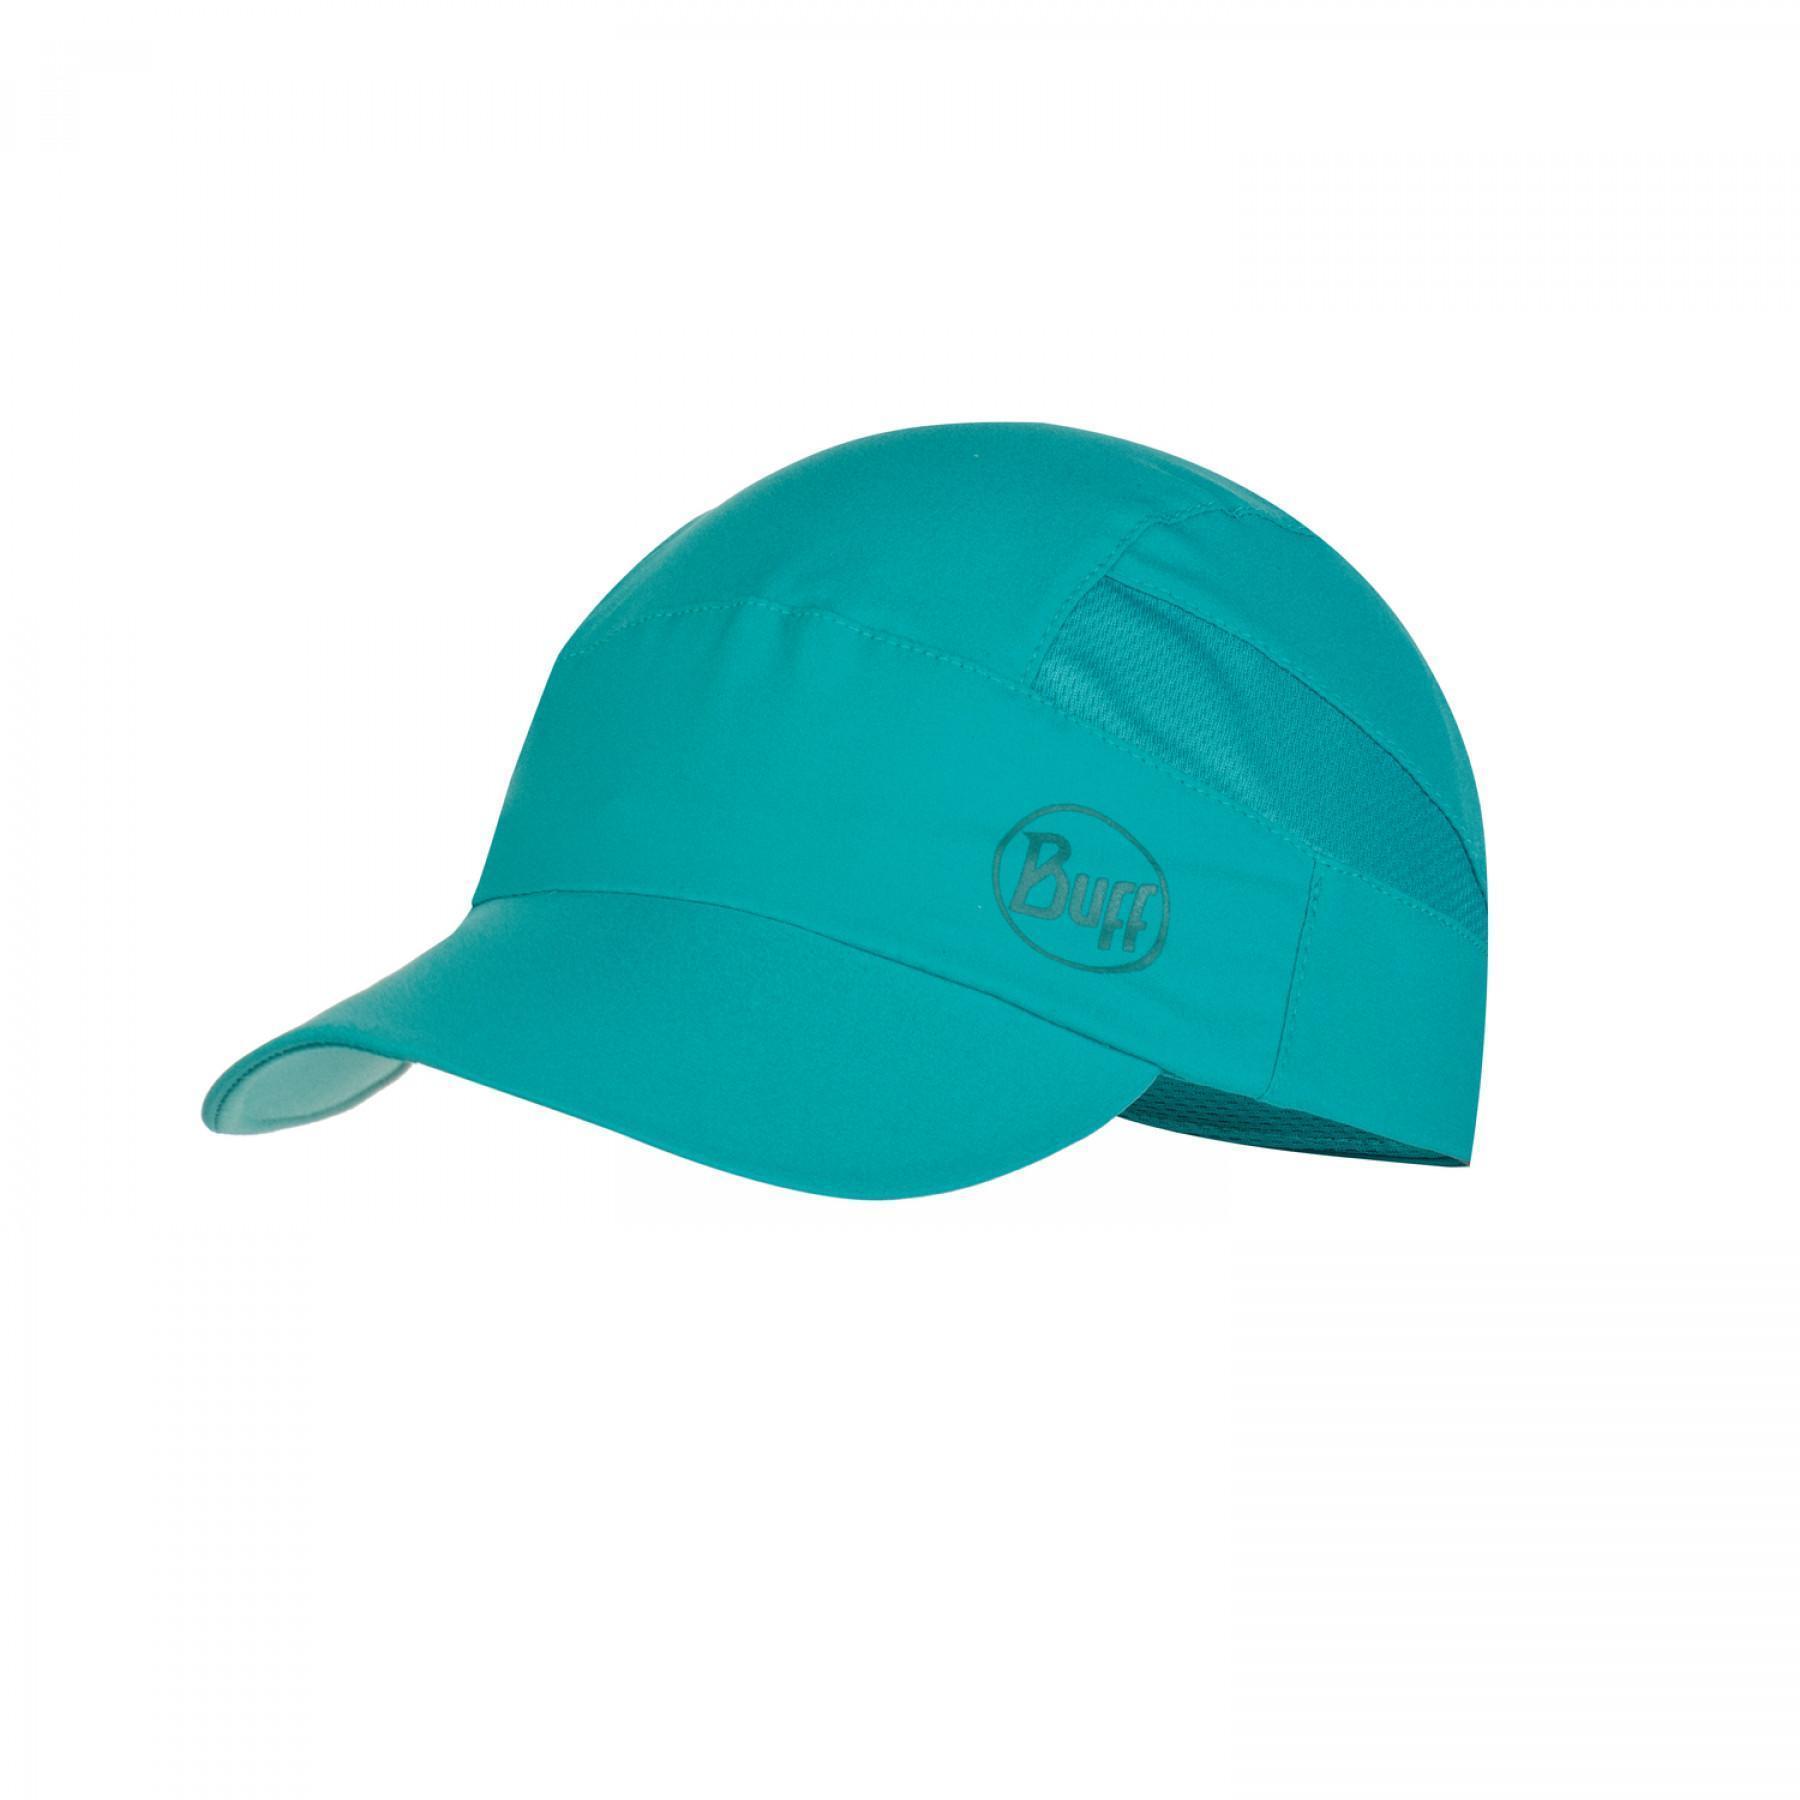 Cap Buff deep sea green